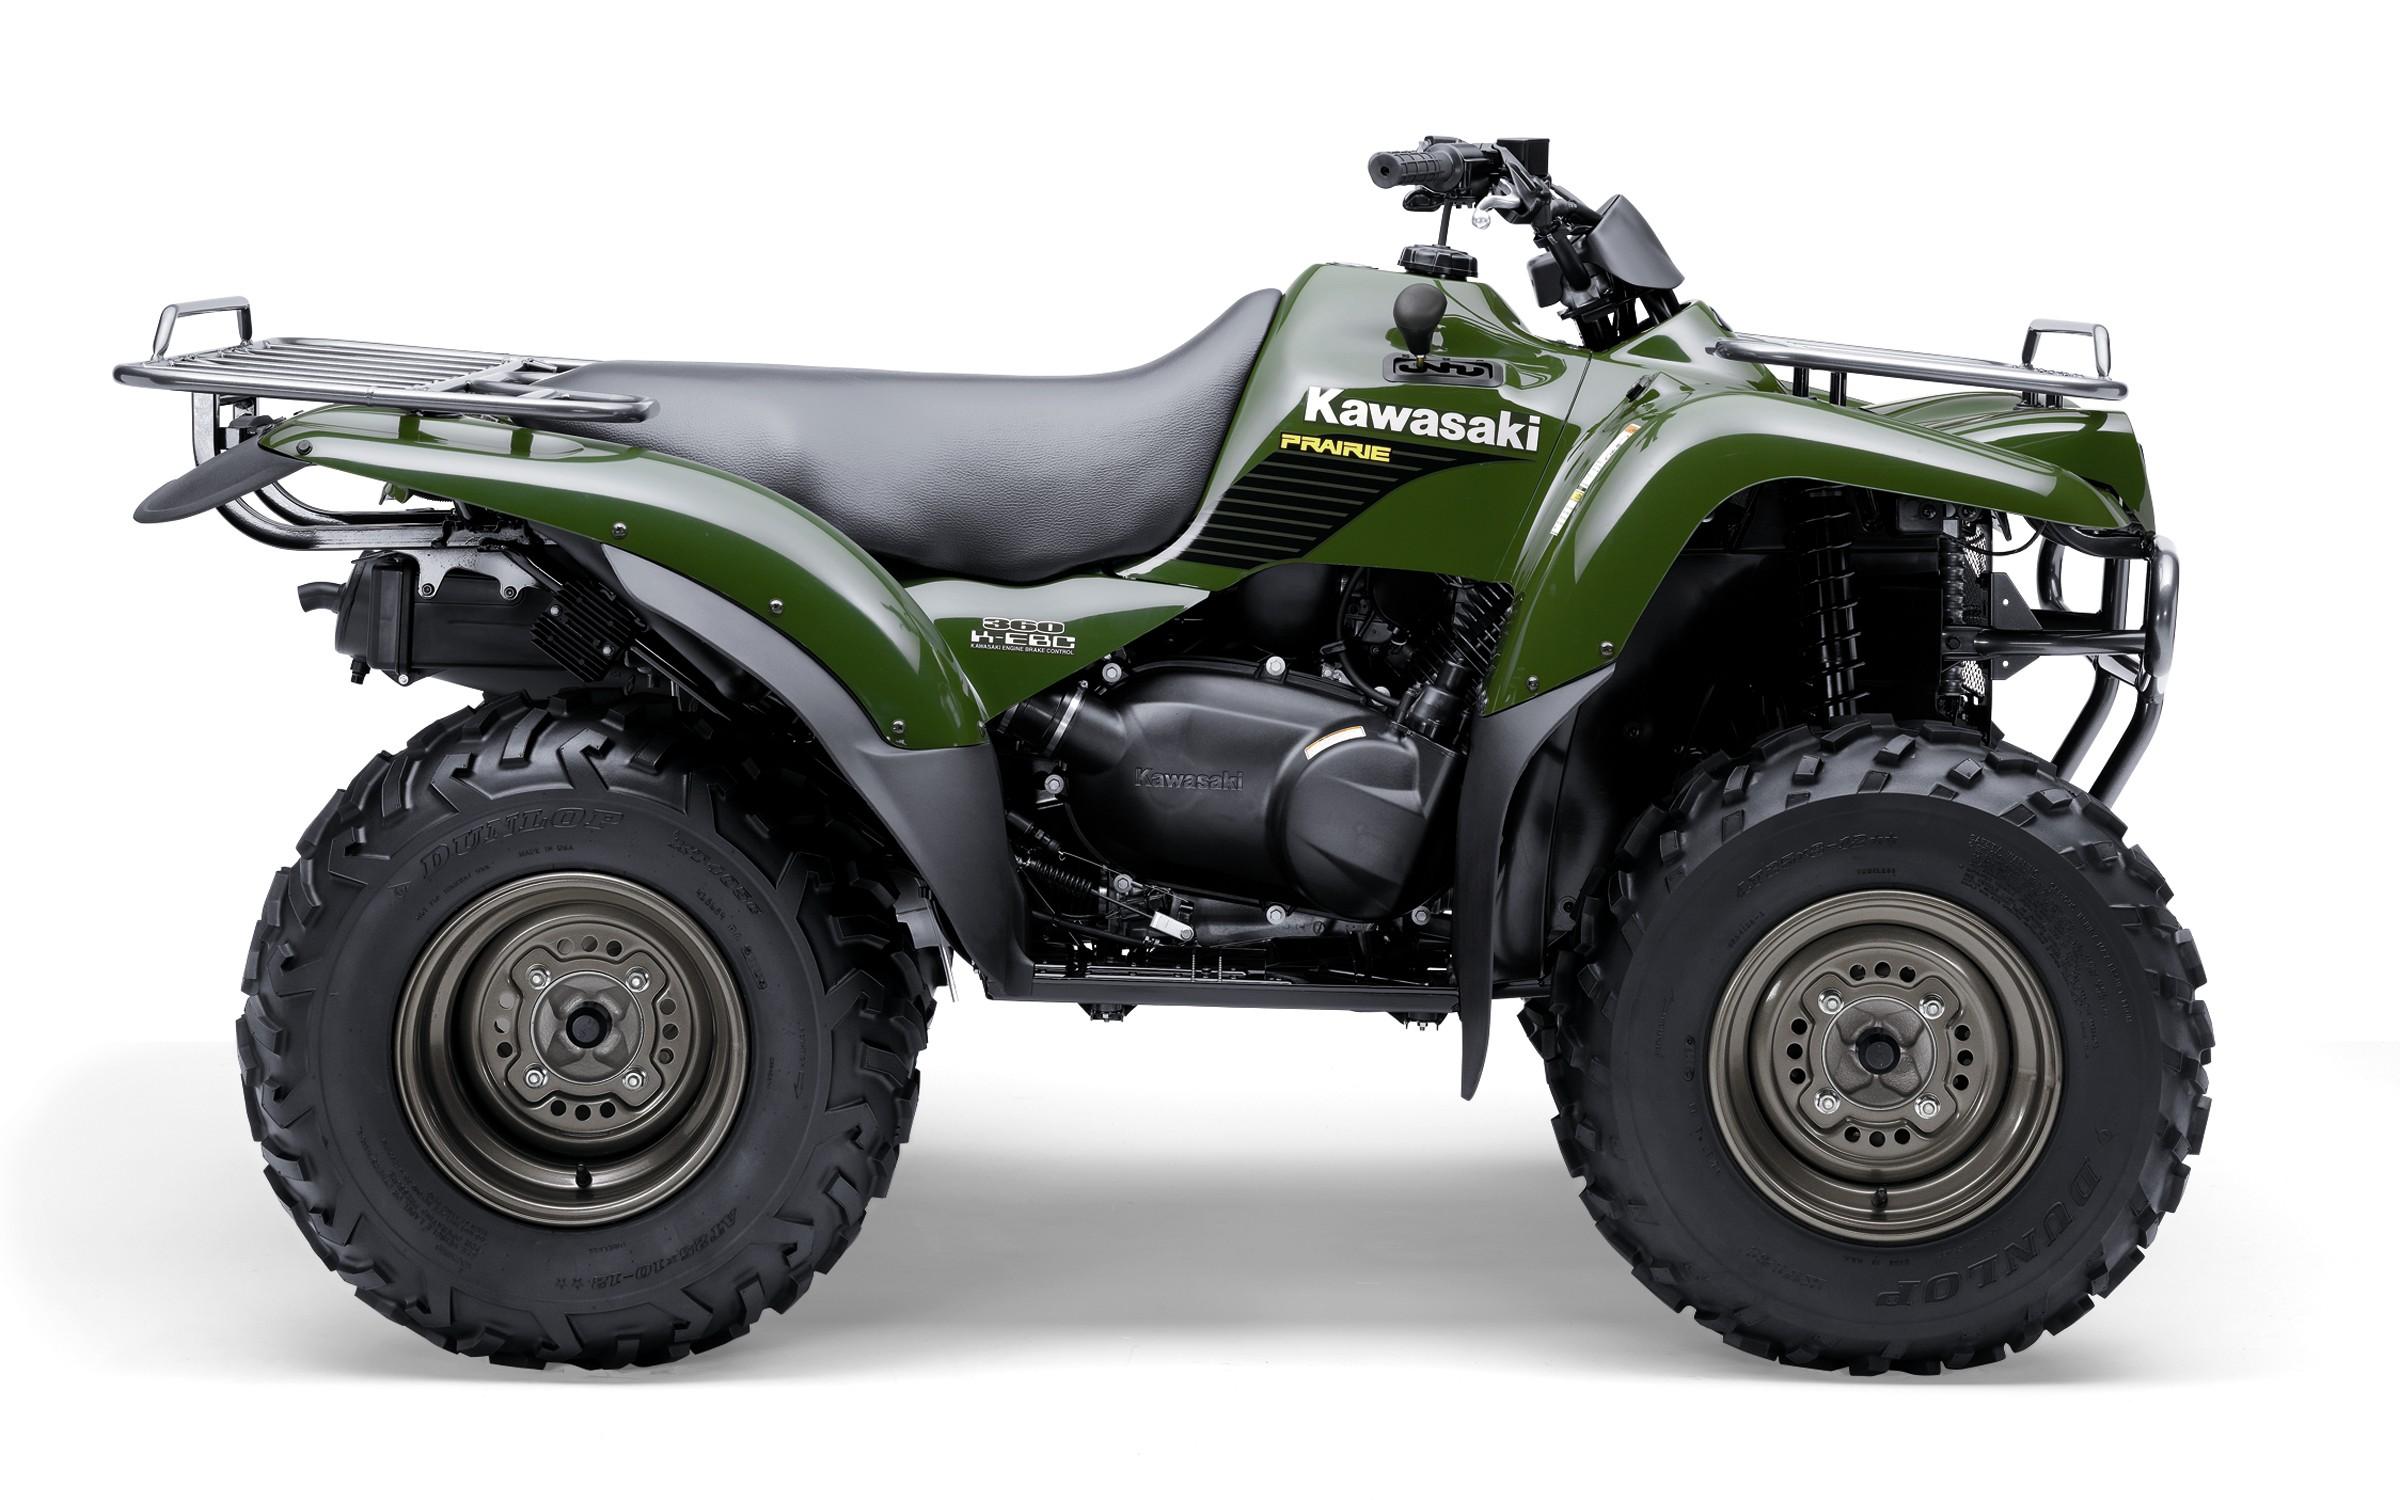 Wiring 2000 Kawasaki 220 Atv Real Diagram Yamaha Big Bear 1999 350 4x4 Bayou Free Download Tires 1994